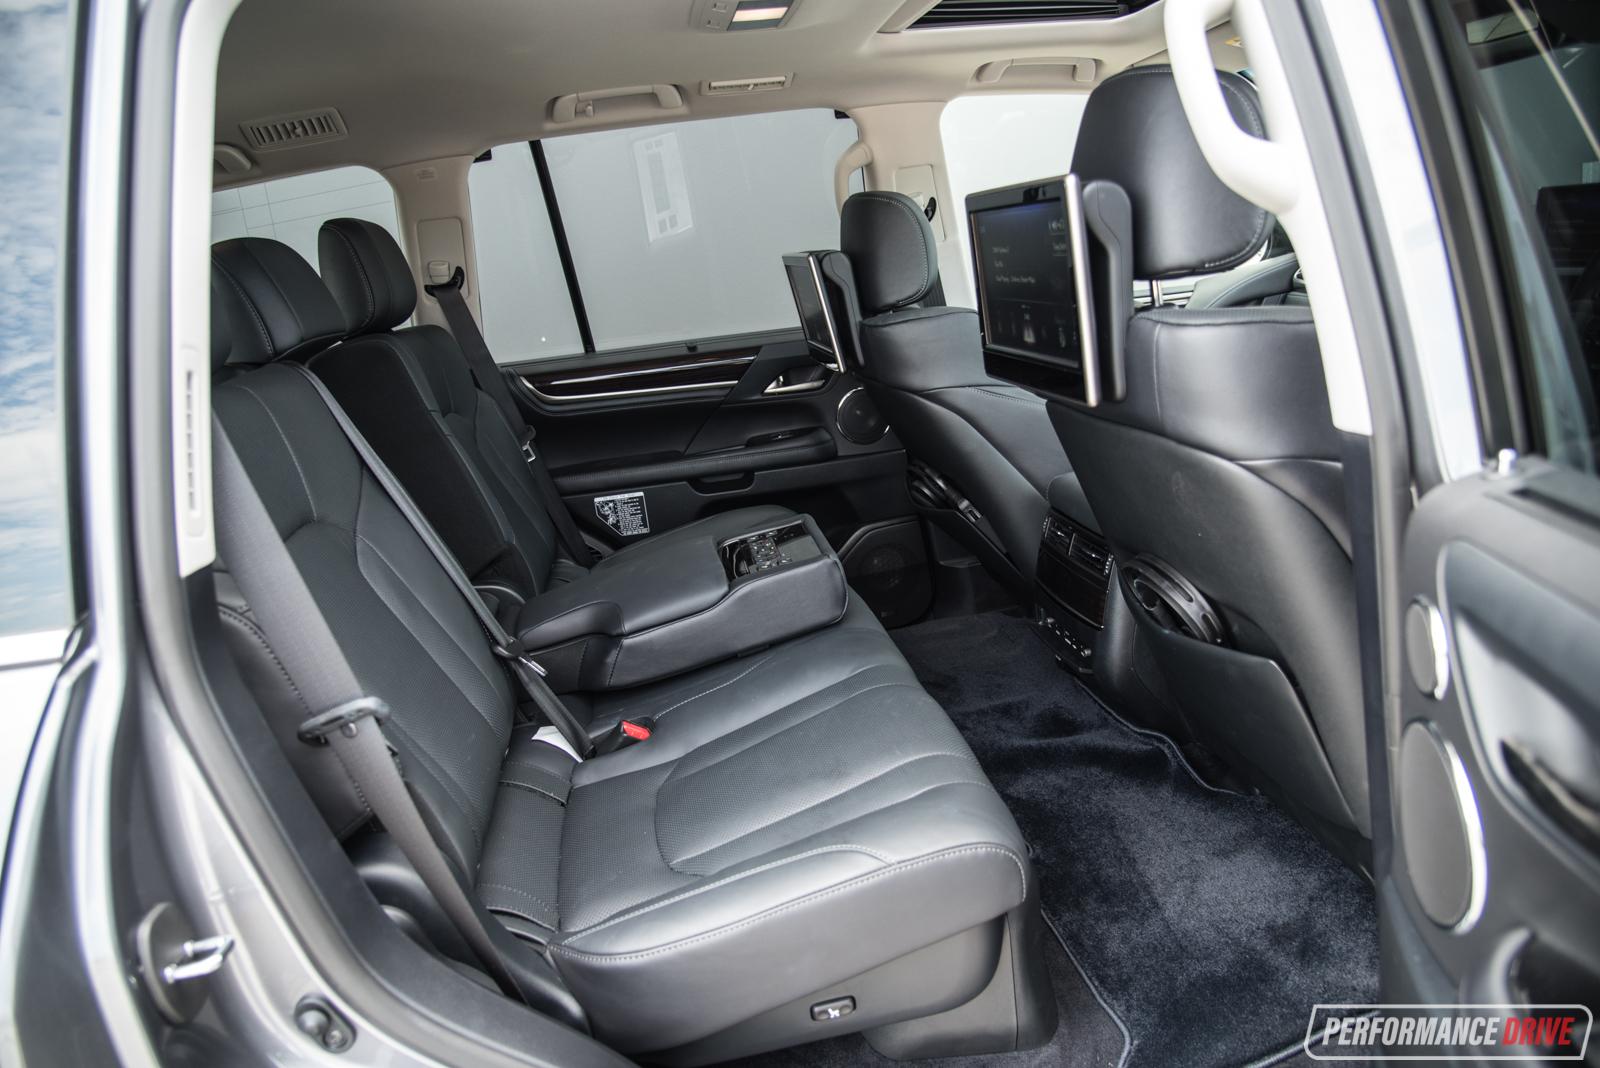 2017 Lexus LX570 Rear Seats